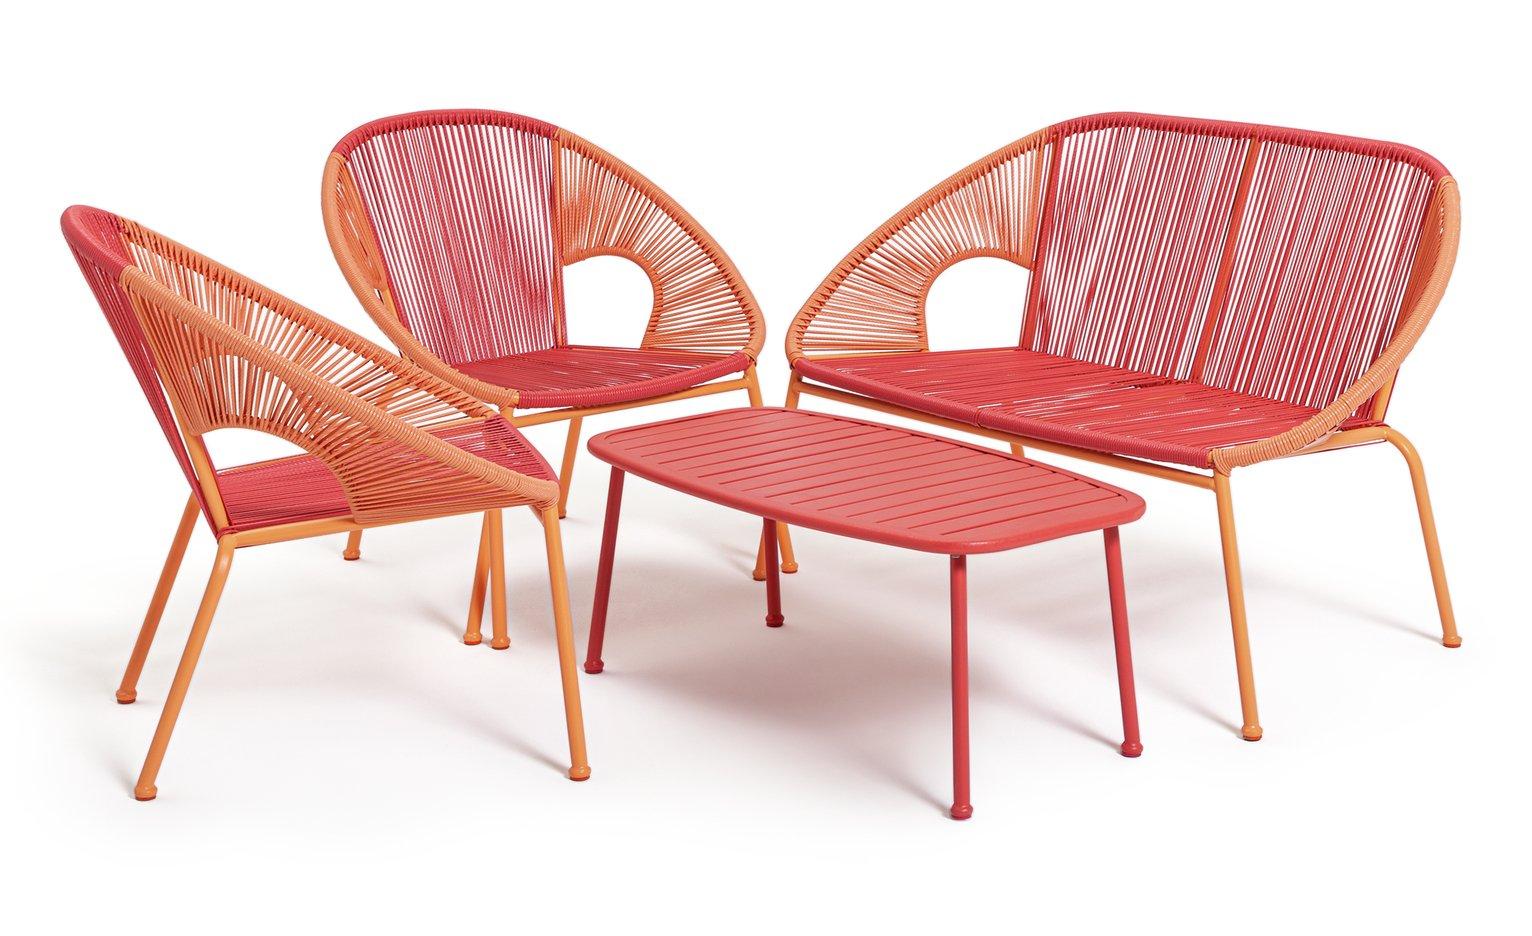 Habitat Nordic Spring 4 Seater Bistro Set - Pink & Orange